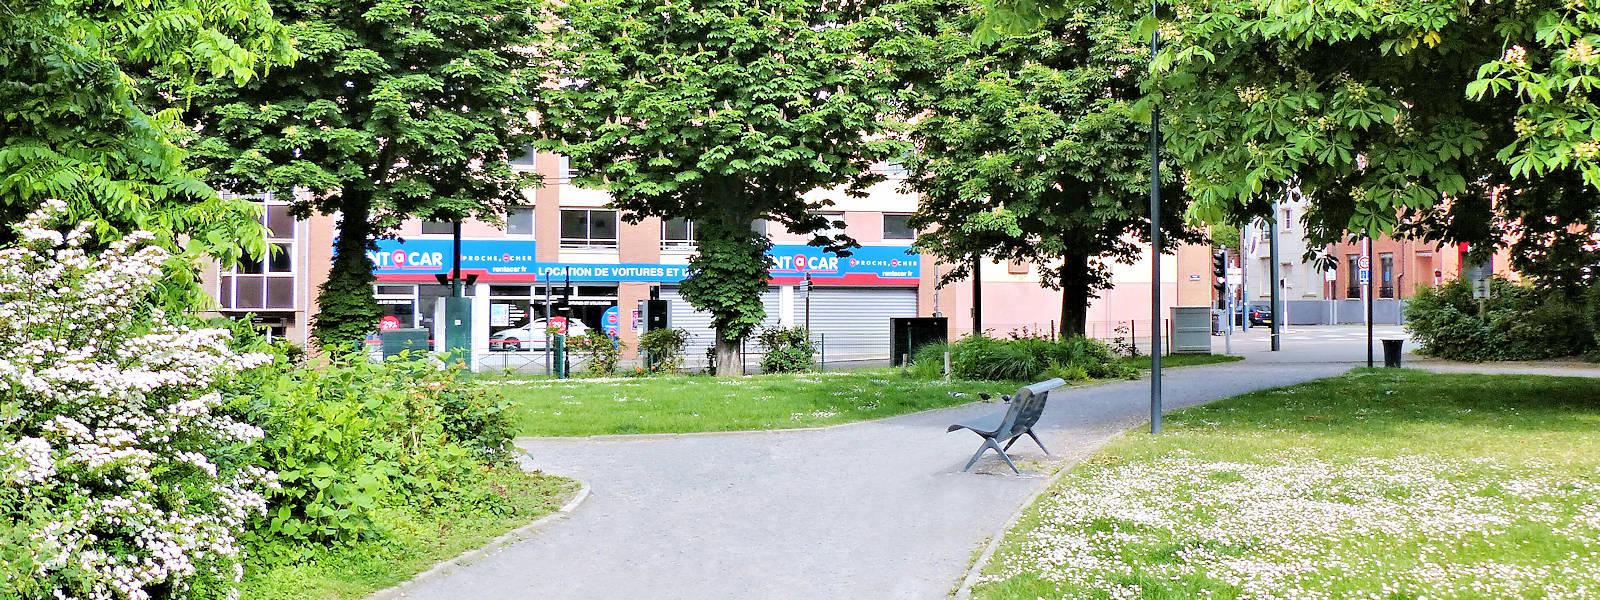 Rent a Car, Tourcoing - Place de la Victoire.